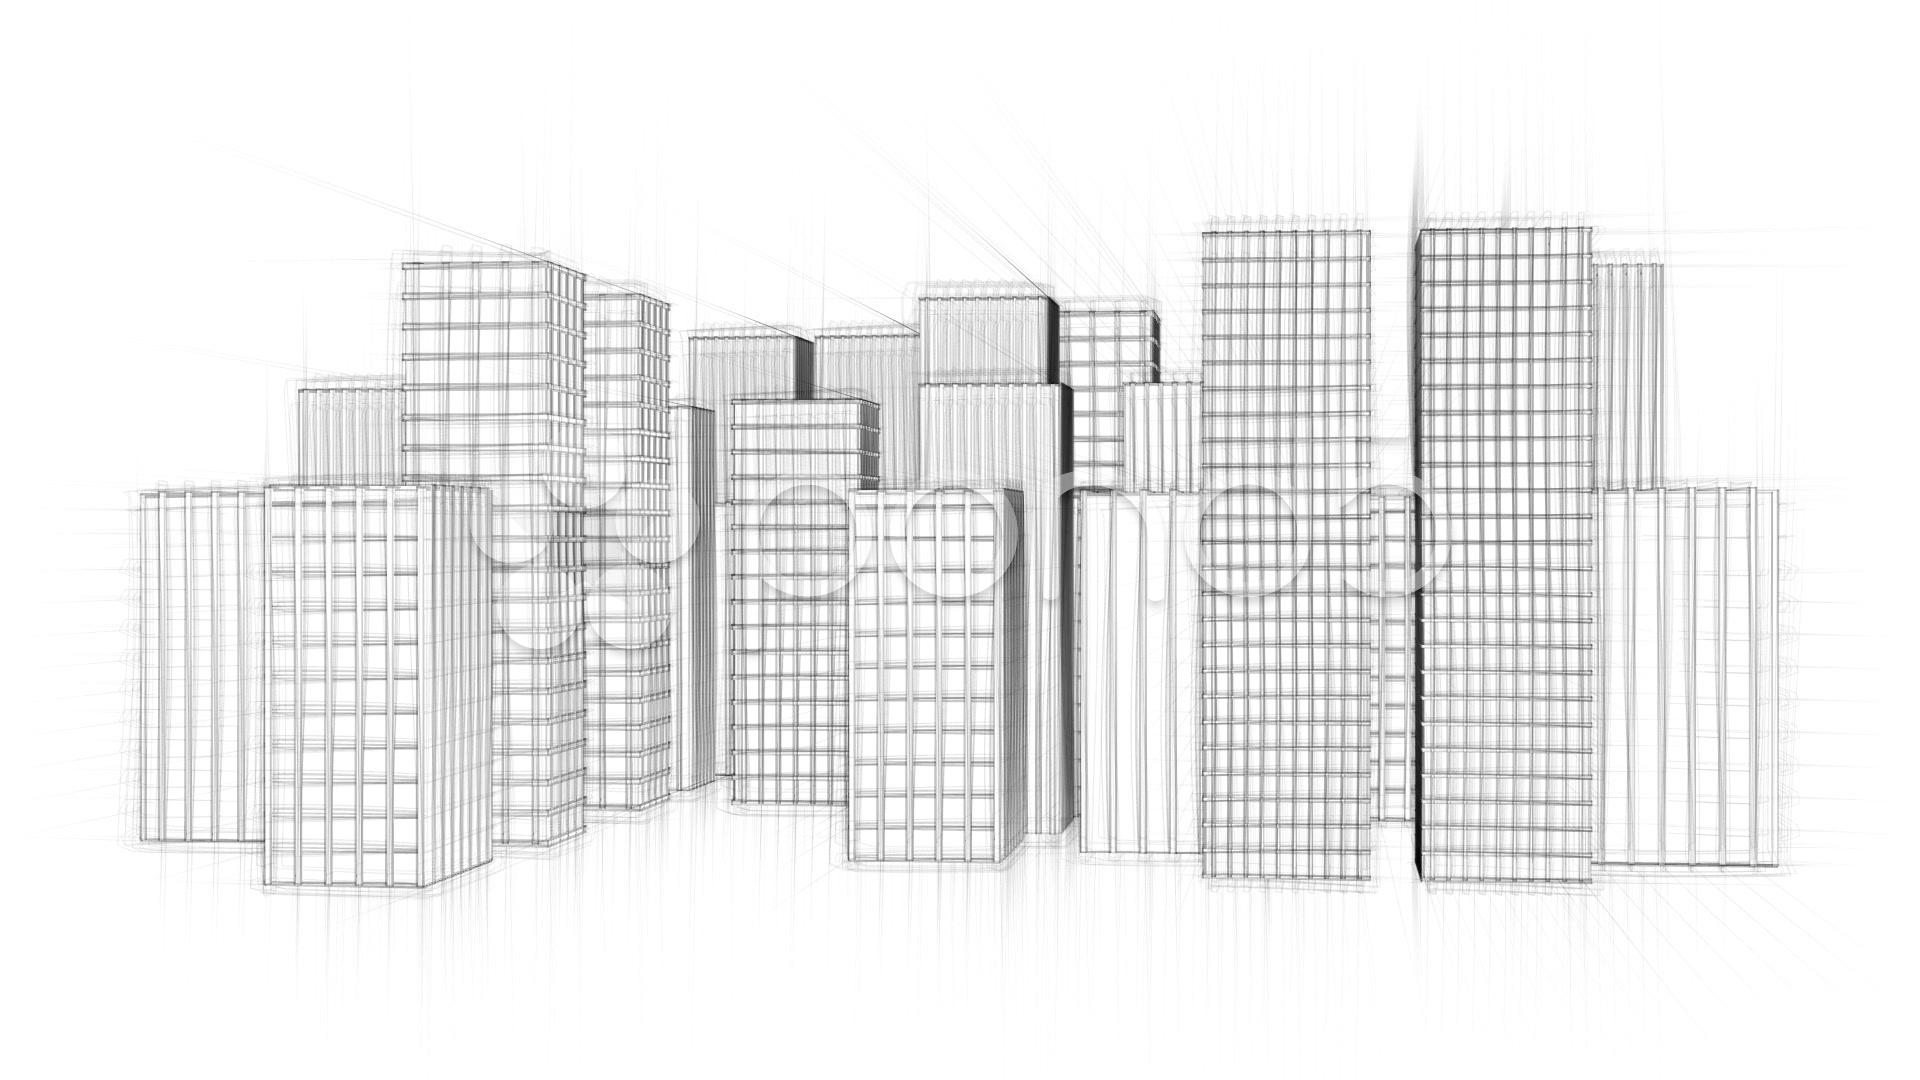 Coloriage Gratte-ciel #65887 (Bâtiments et Architecture ...